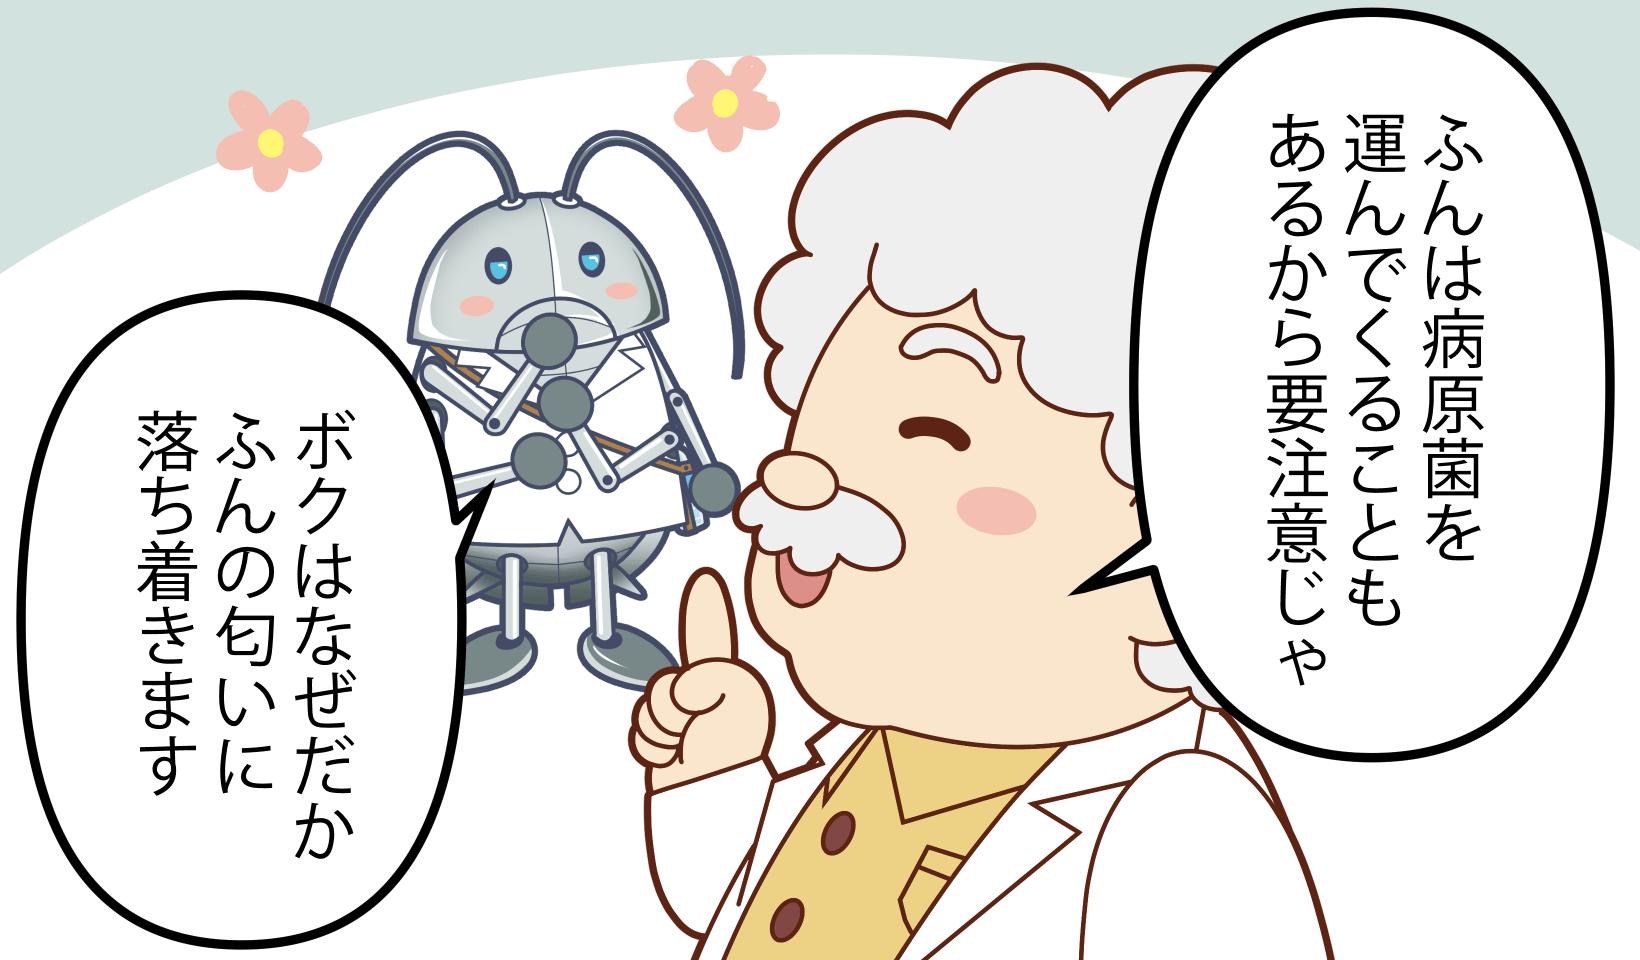 ゴキブリのふんについて話すごきた博士とゴキワン